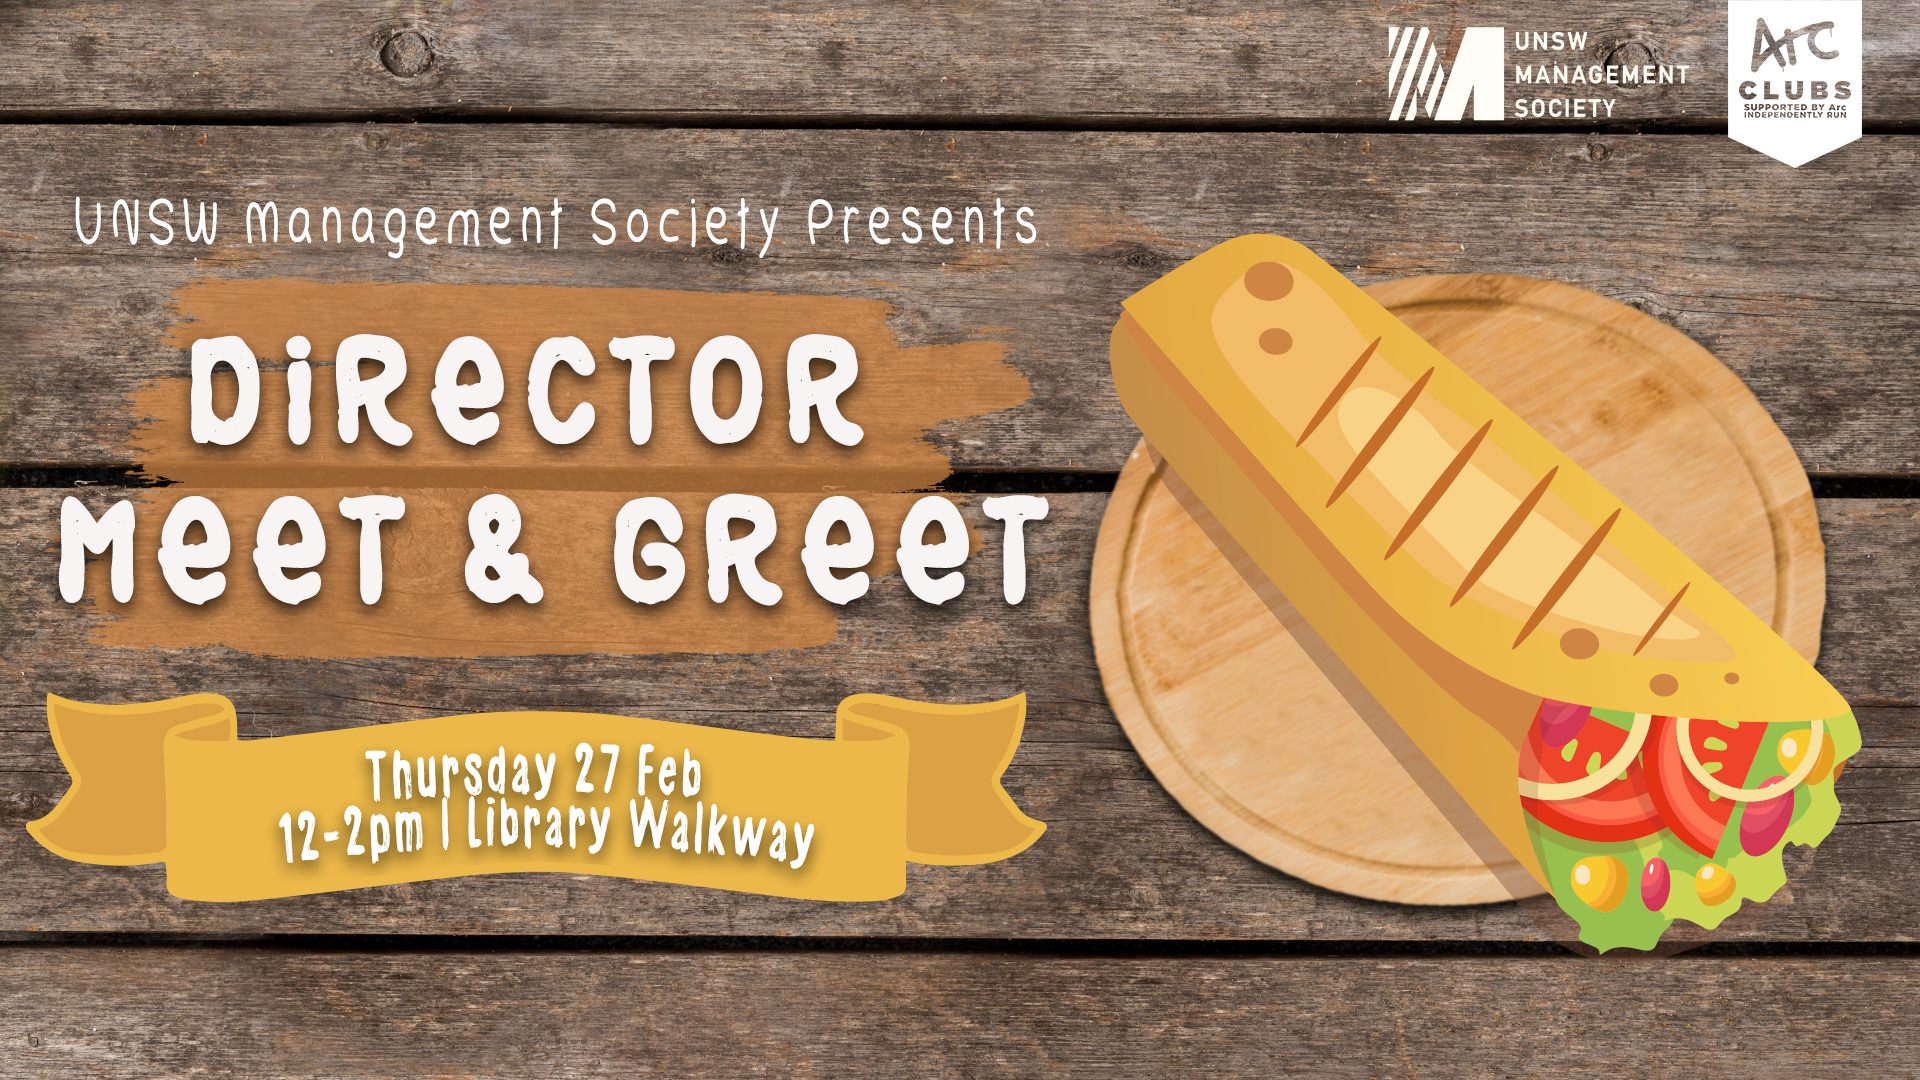 Director Meet & Greet CP [STILL].png